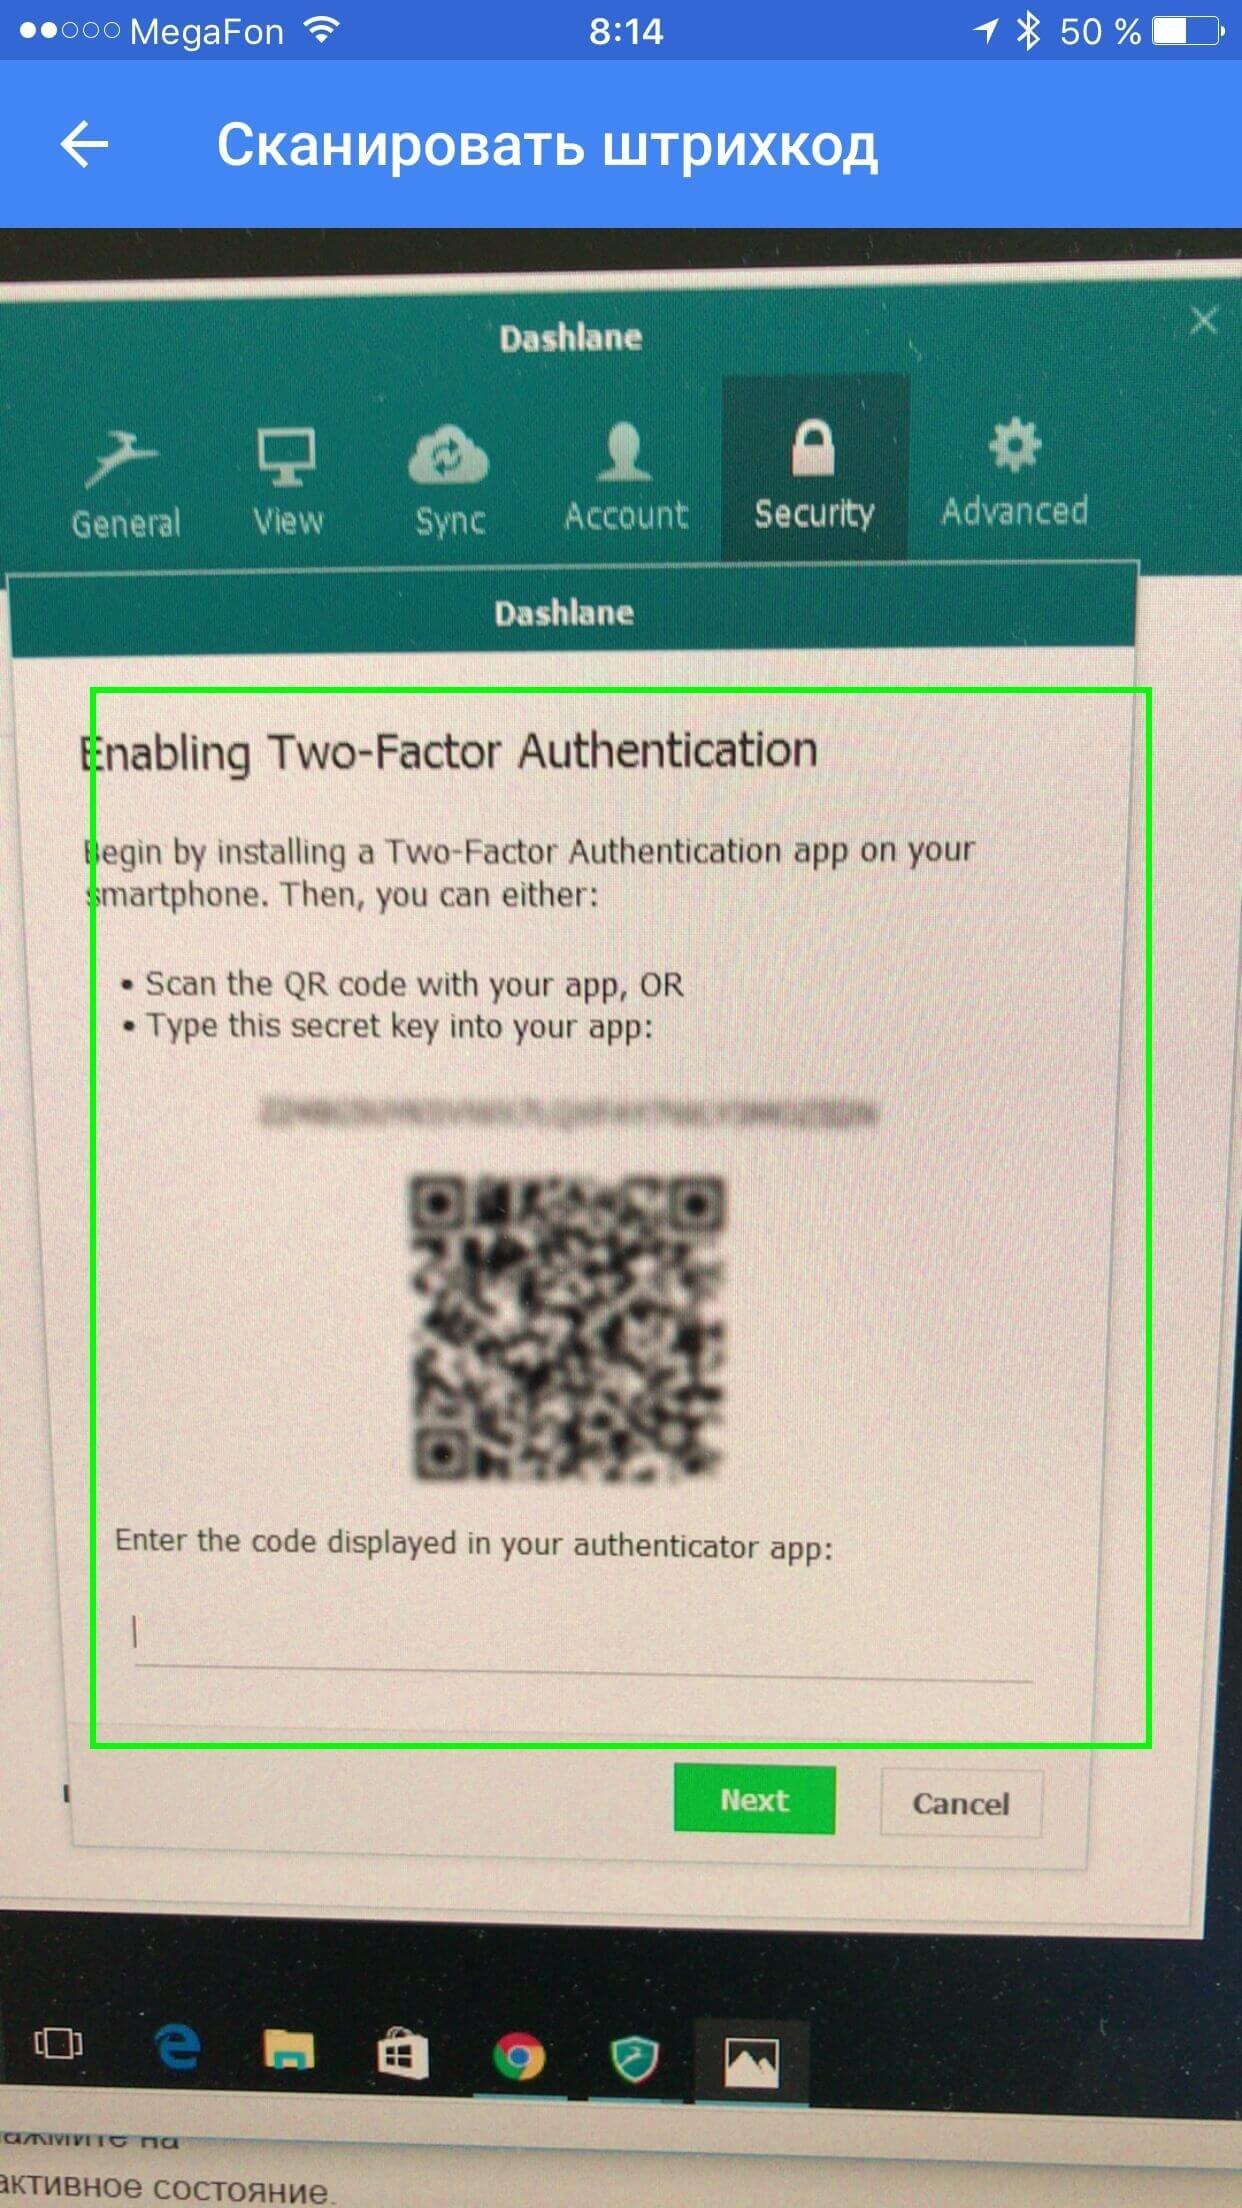 Как включить двухфакторную аутентификацию в Dashlane - Google Authenticator